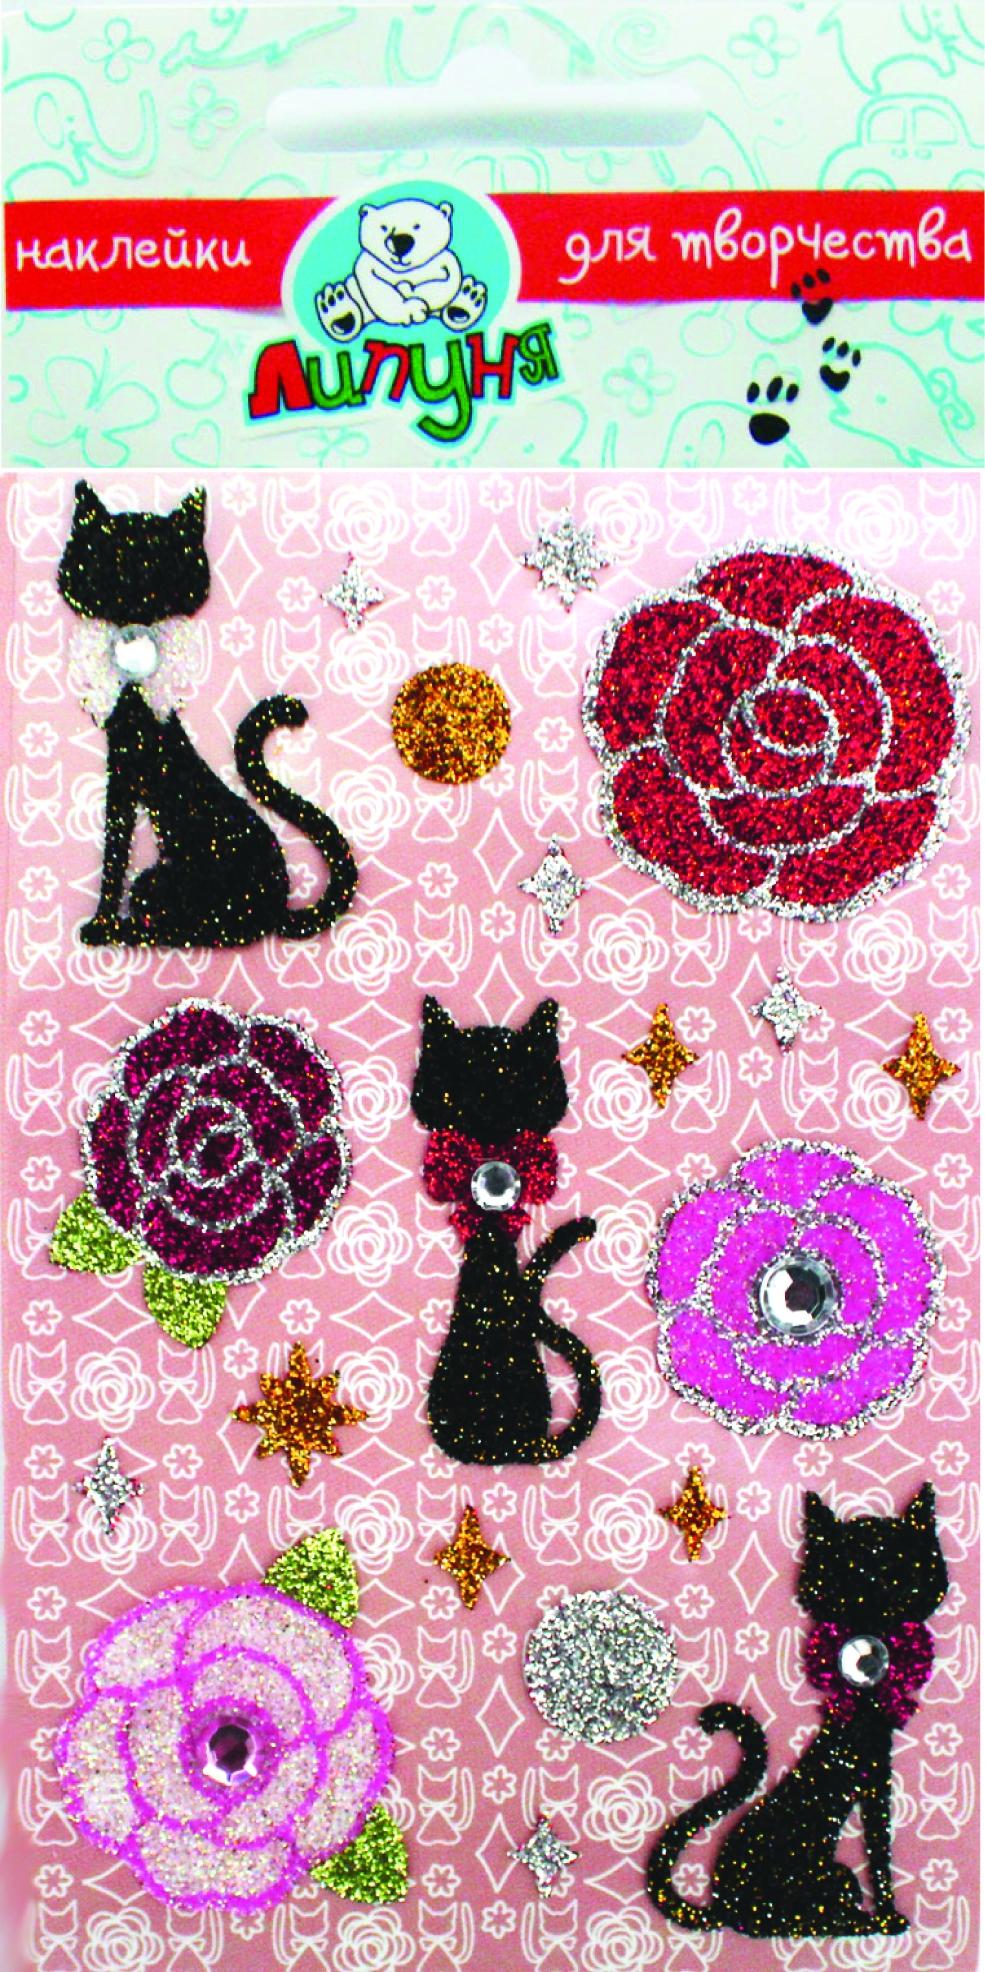 детские наклейки Наклейки Липуня детские Розы и кошки с блестками